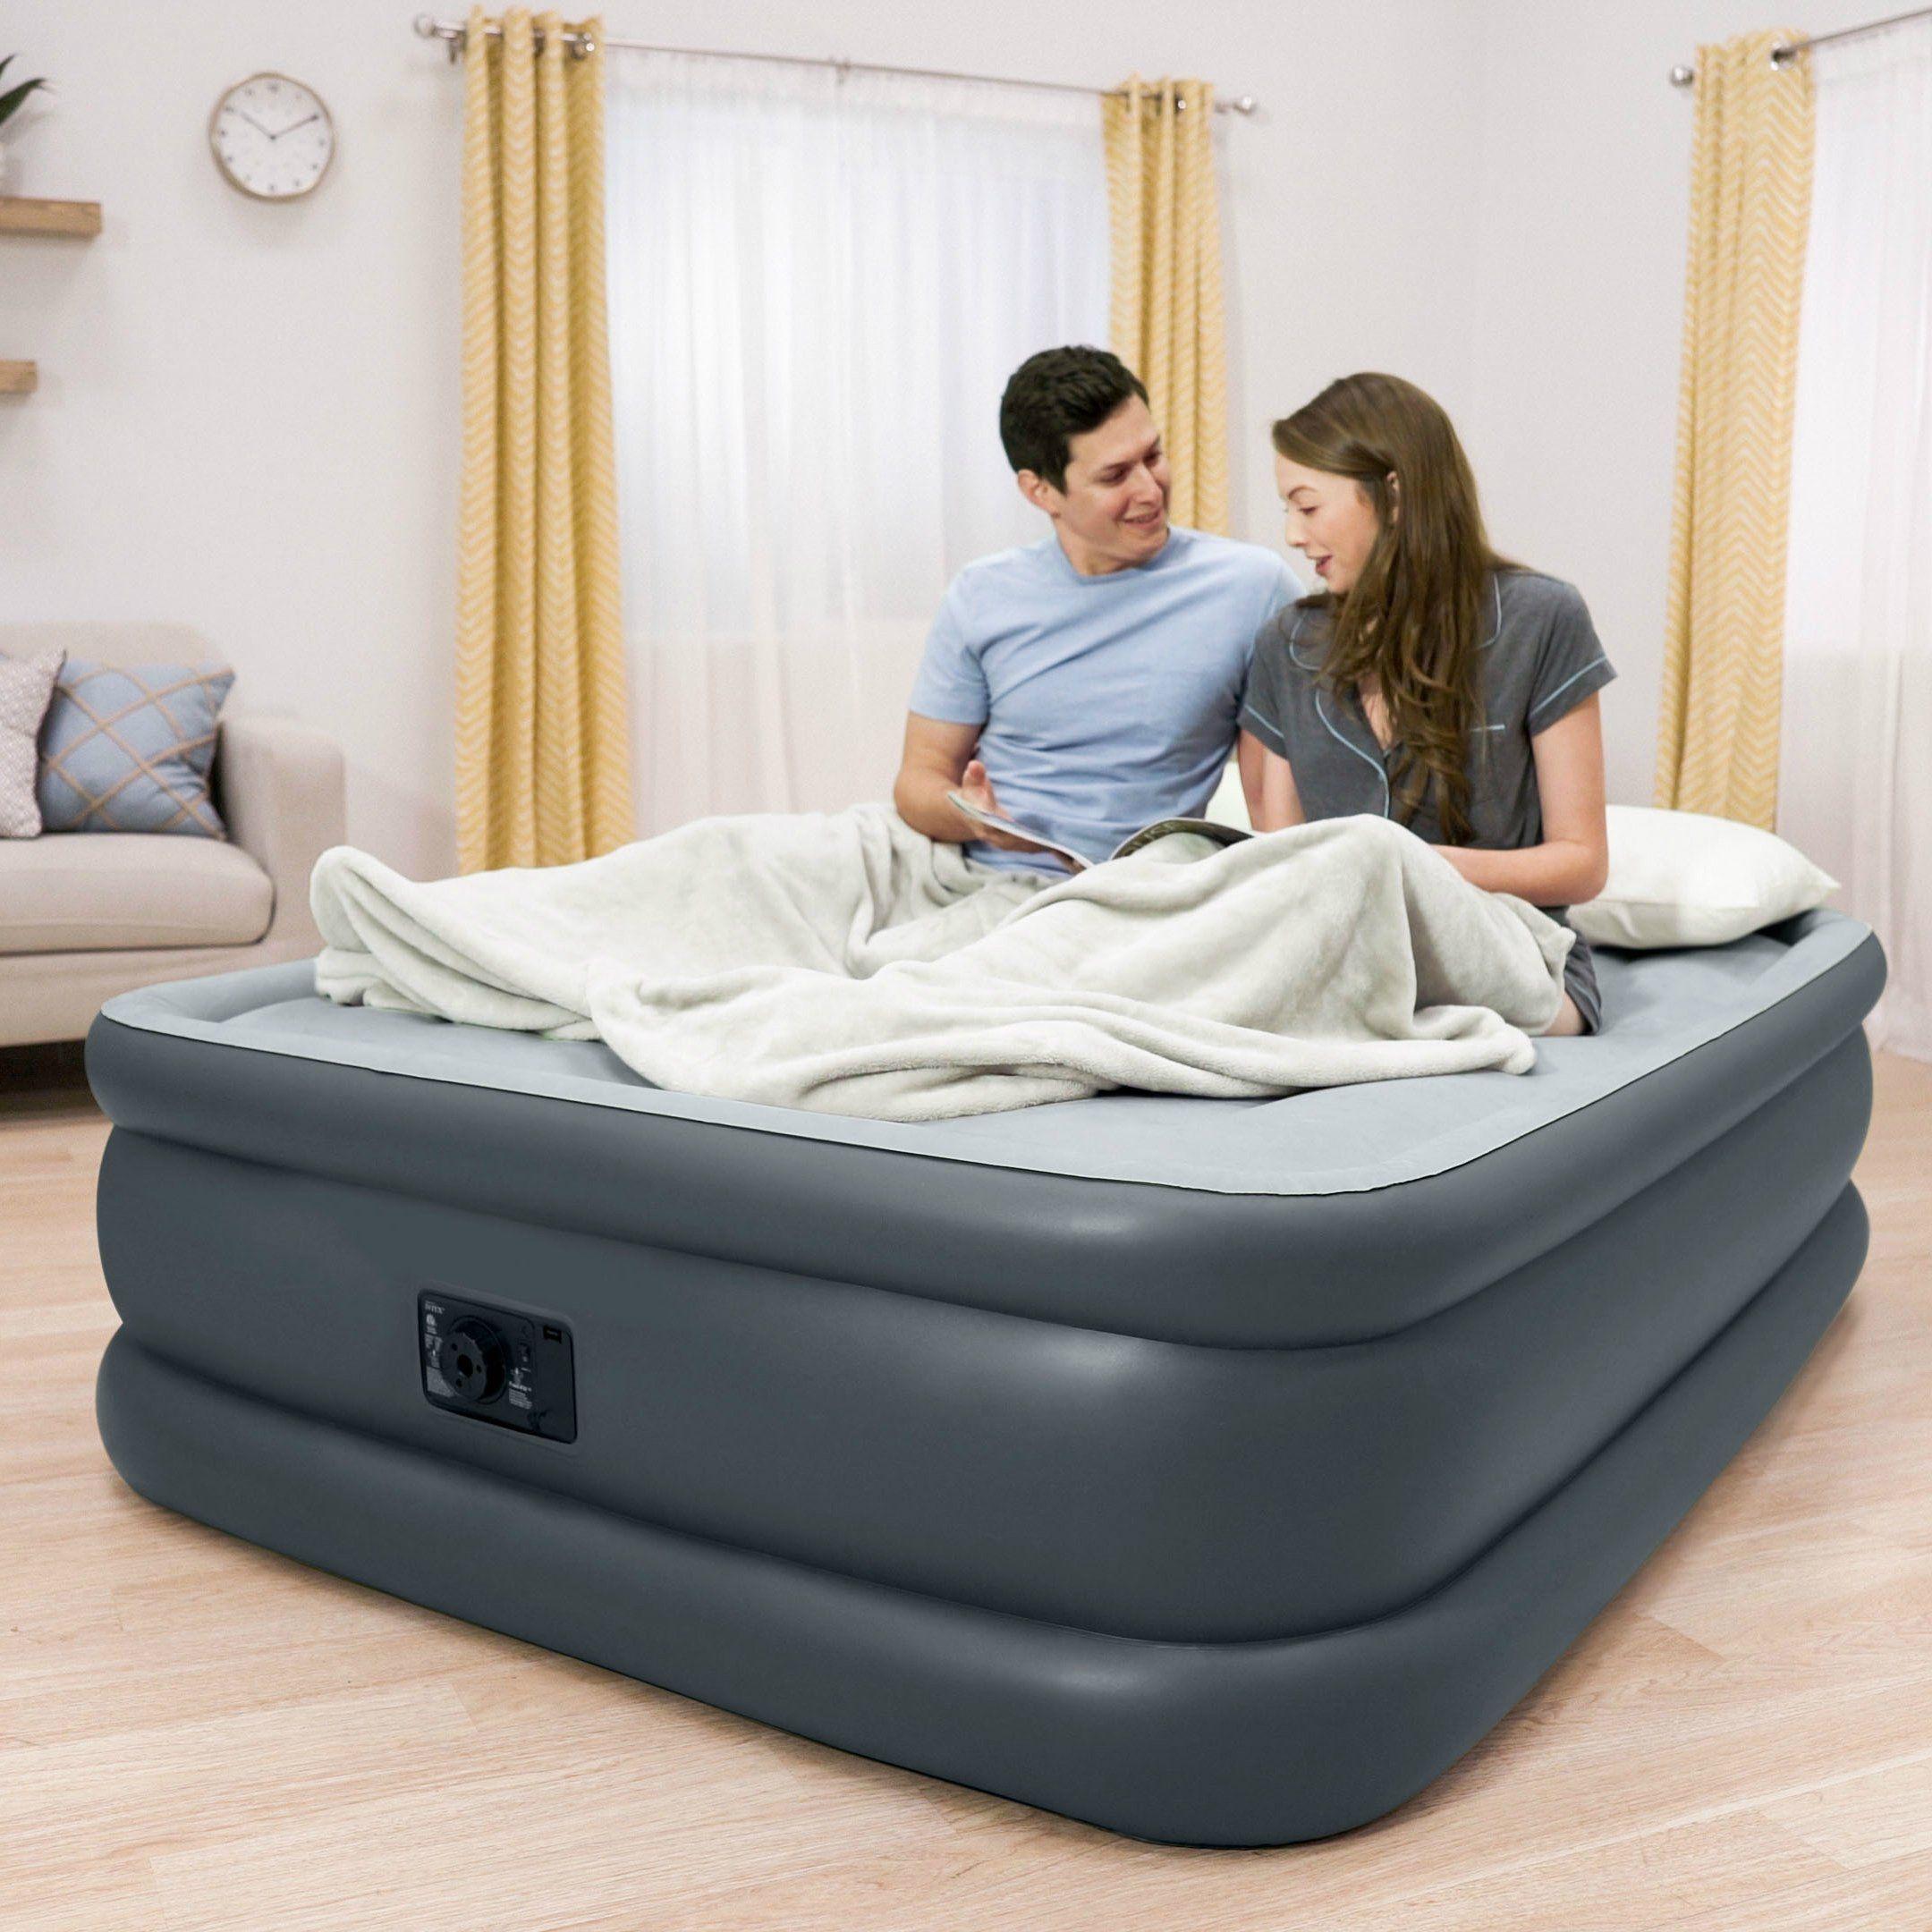 Intex Durabeam Standard Series Essential Rest Airbed With Builtin